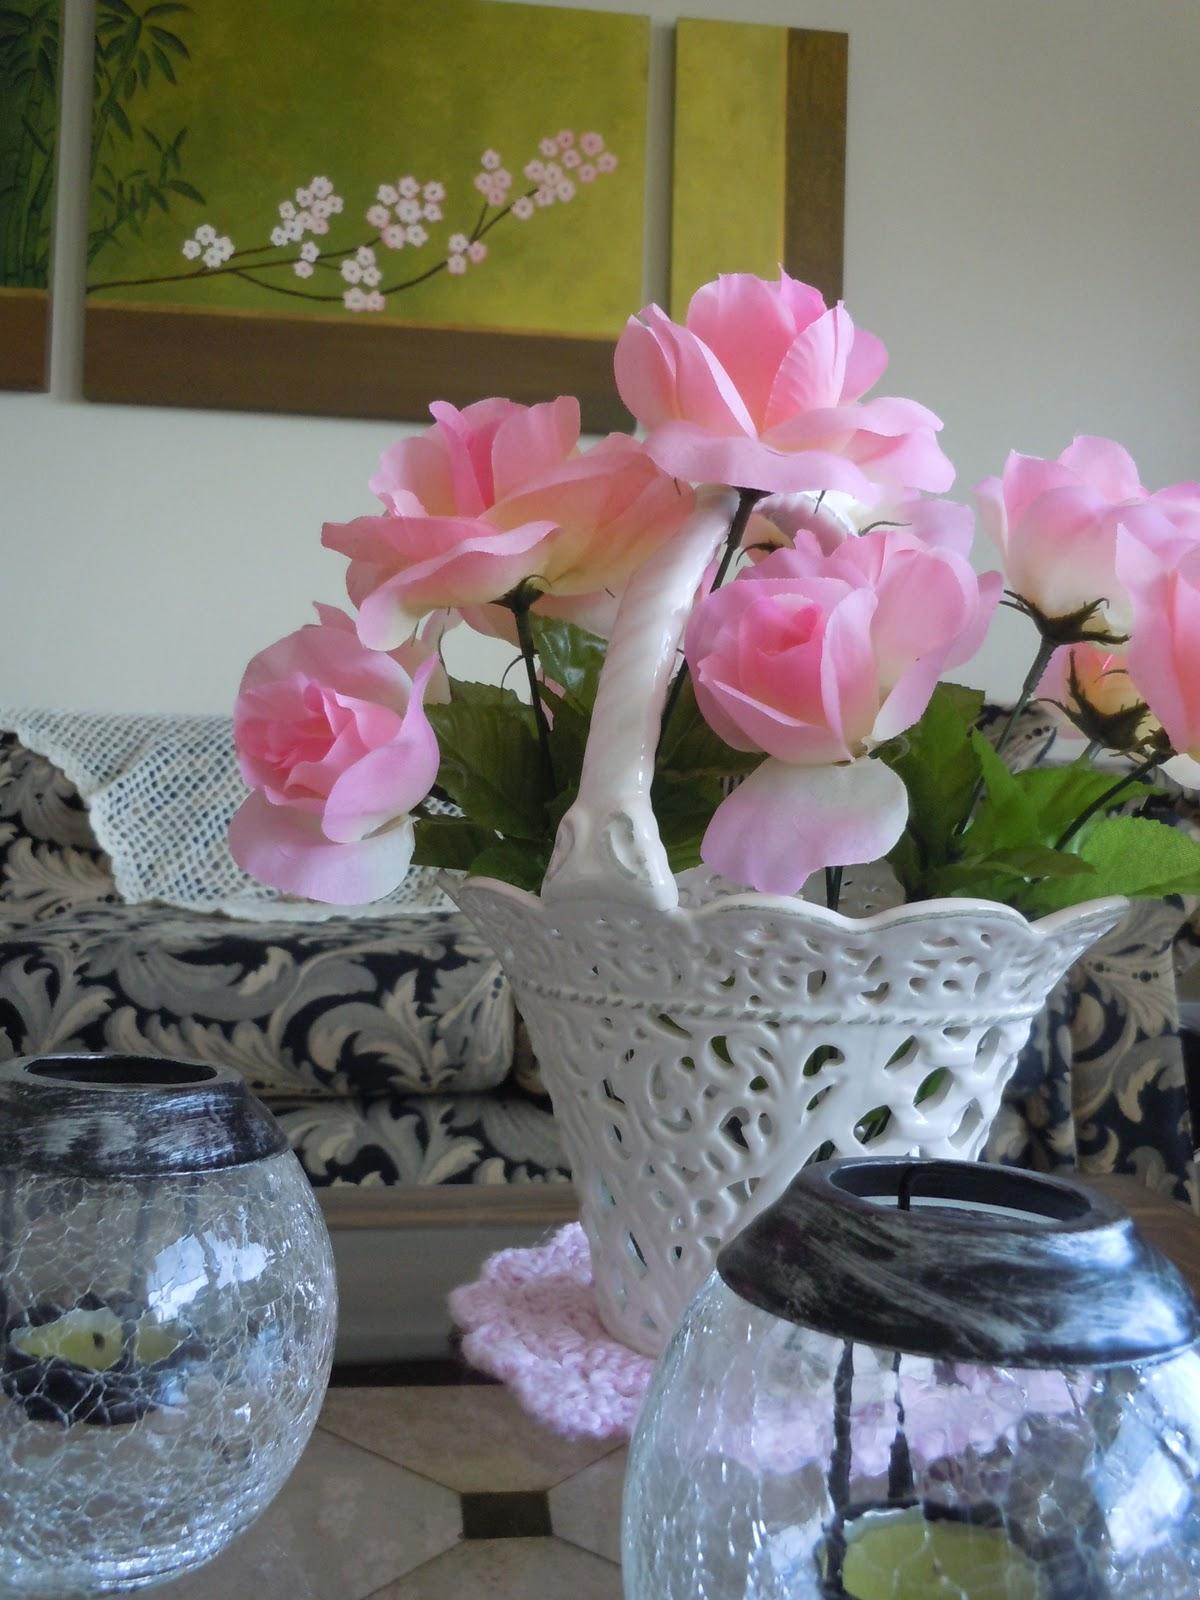 Atelier de charo flores artificiales artificial flowers - Plantas artificiales para decorar ...